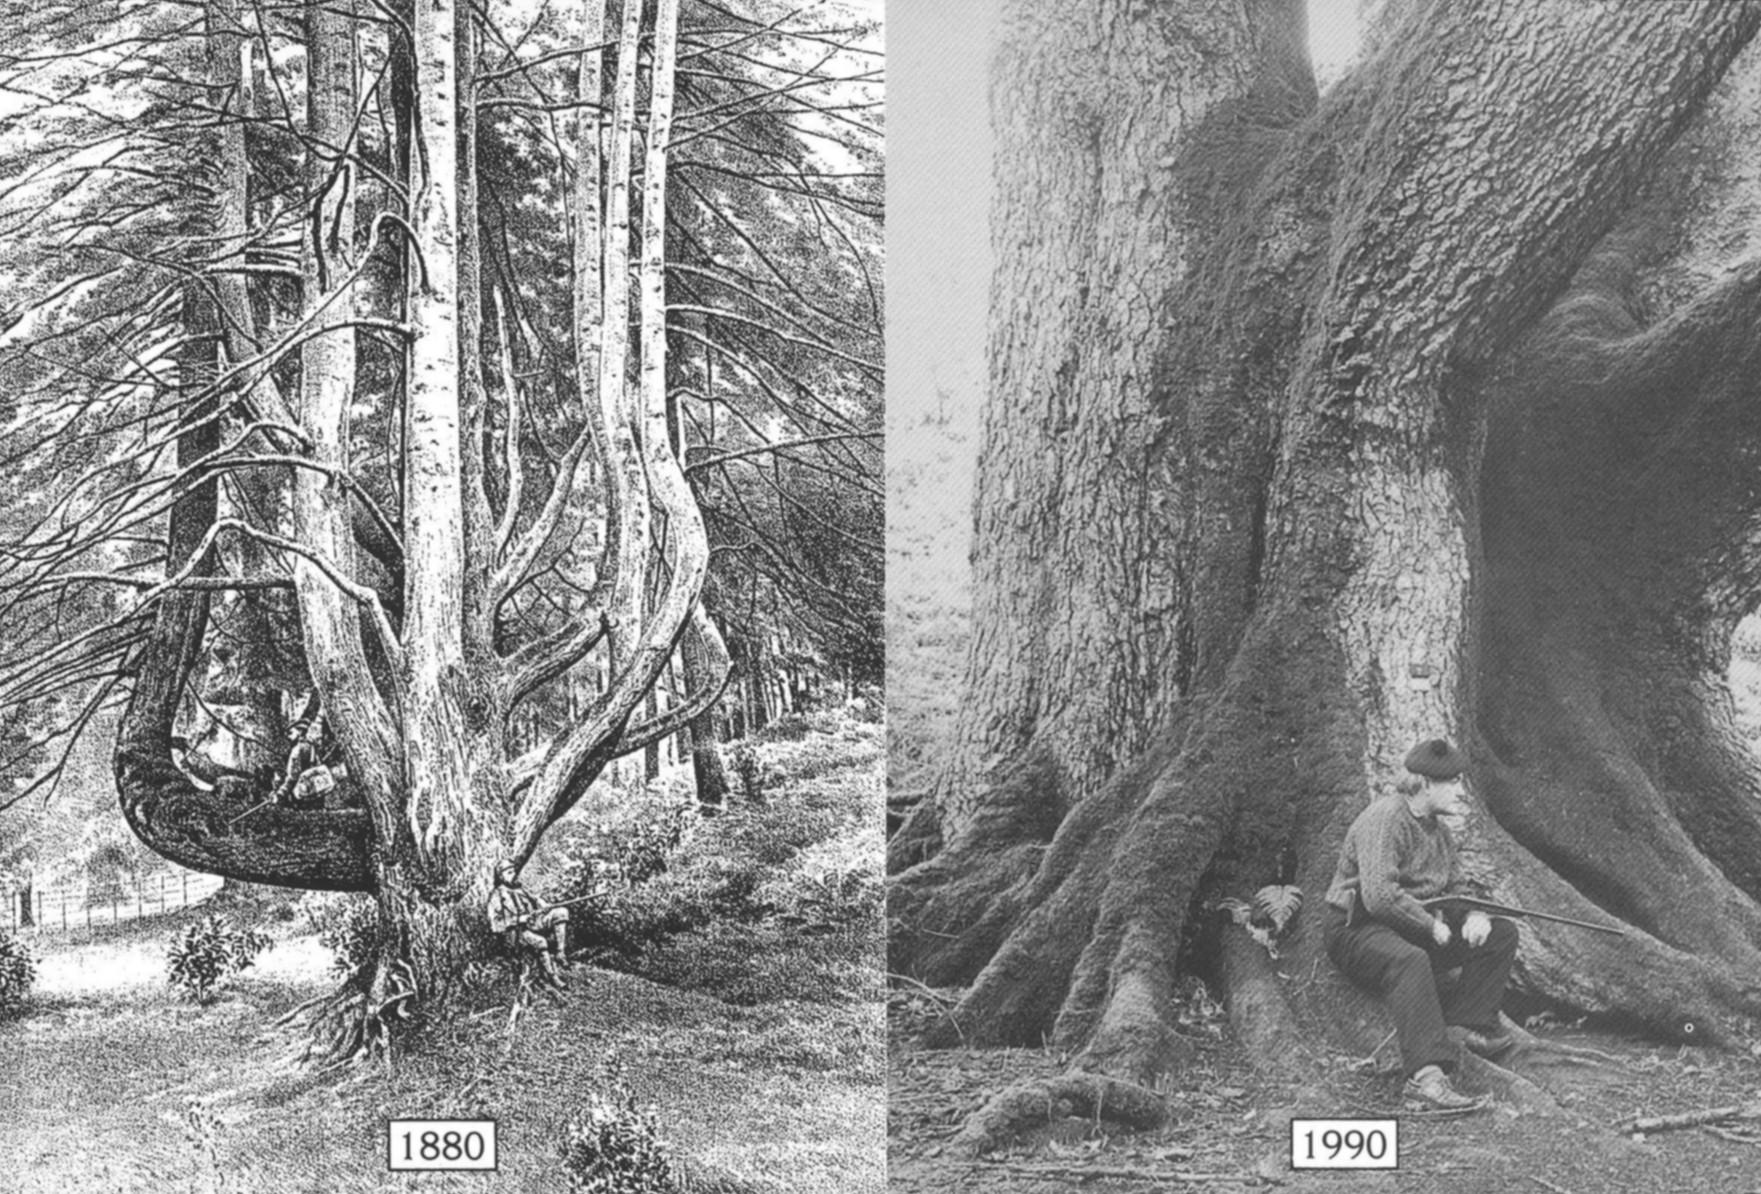 Conifer in Pinetum